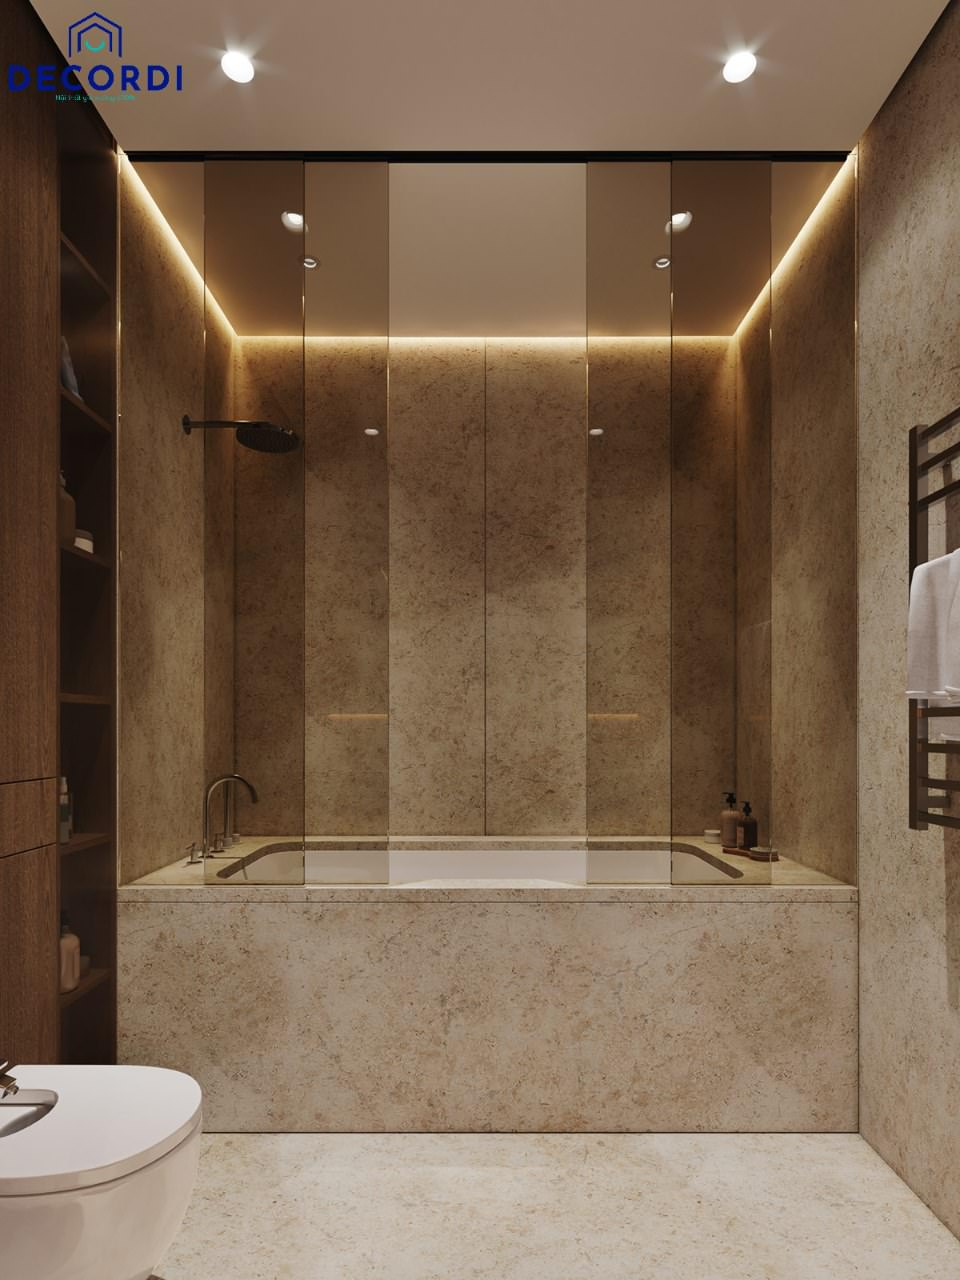 12. Op da tuong toilet 1